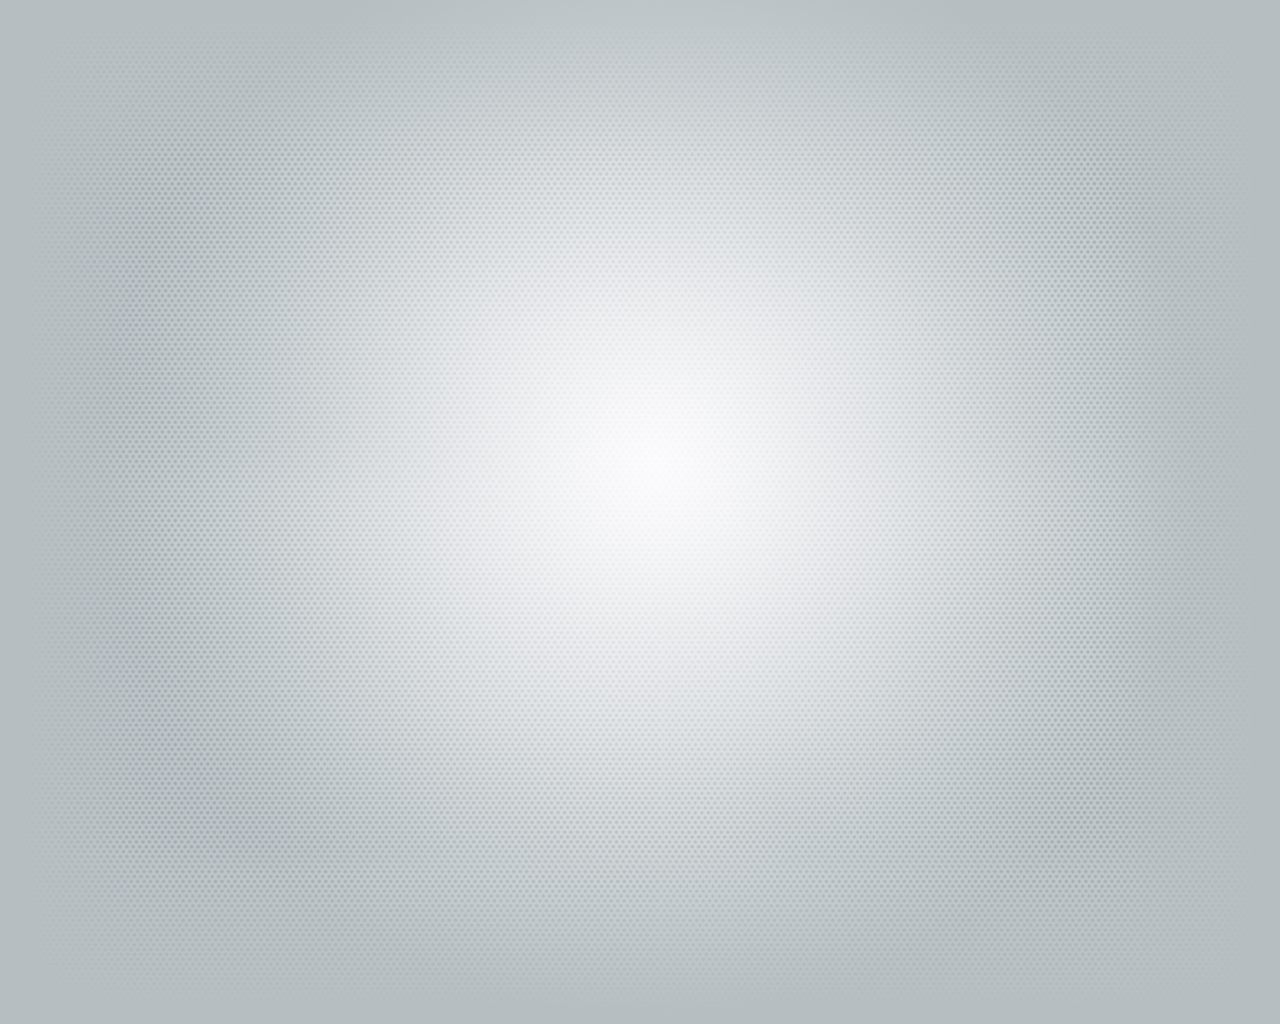 Black background images for websites professional